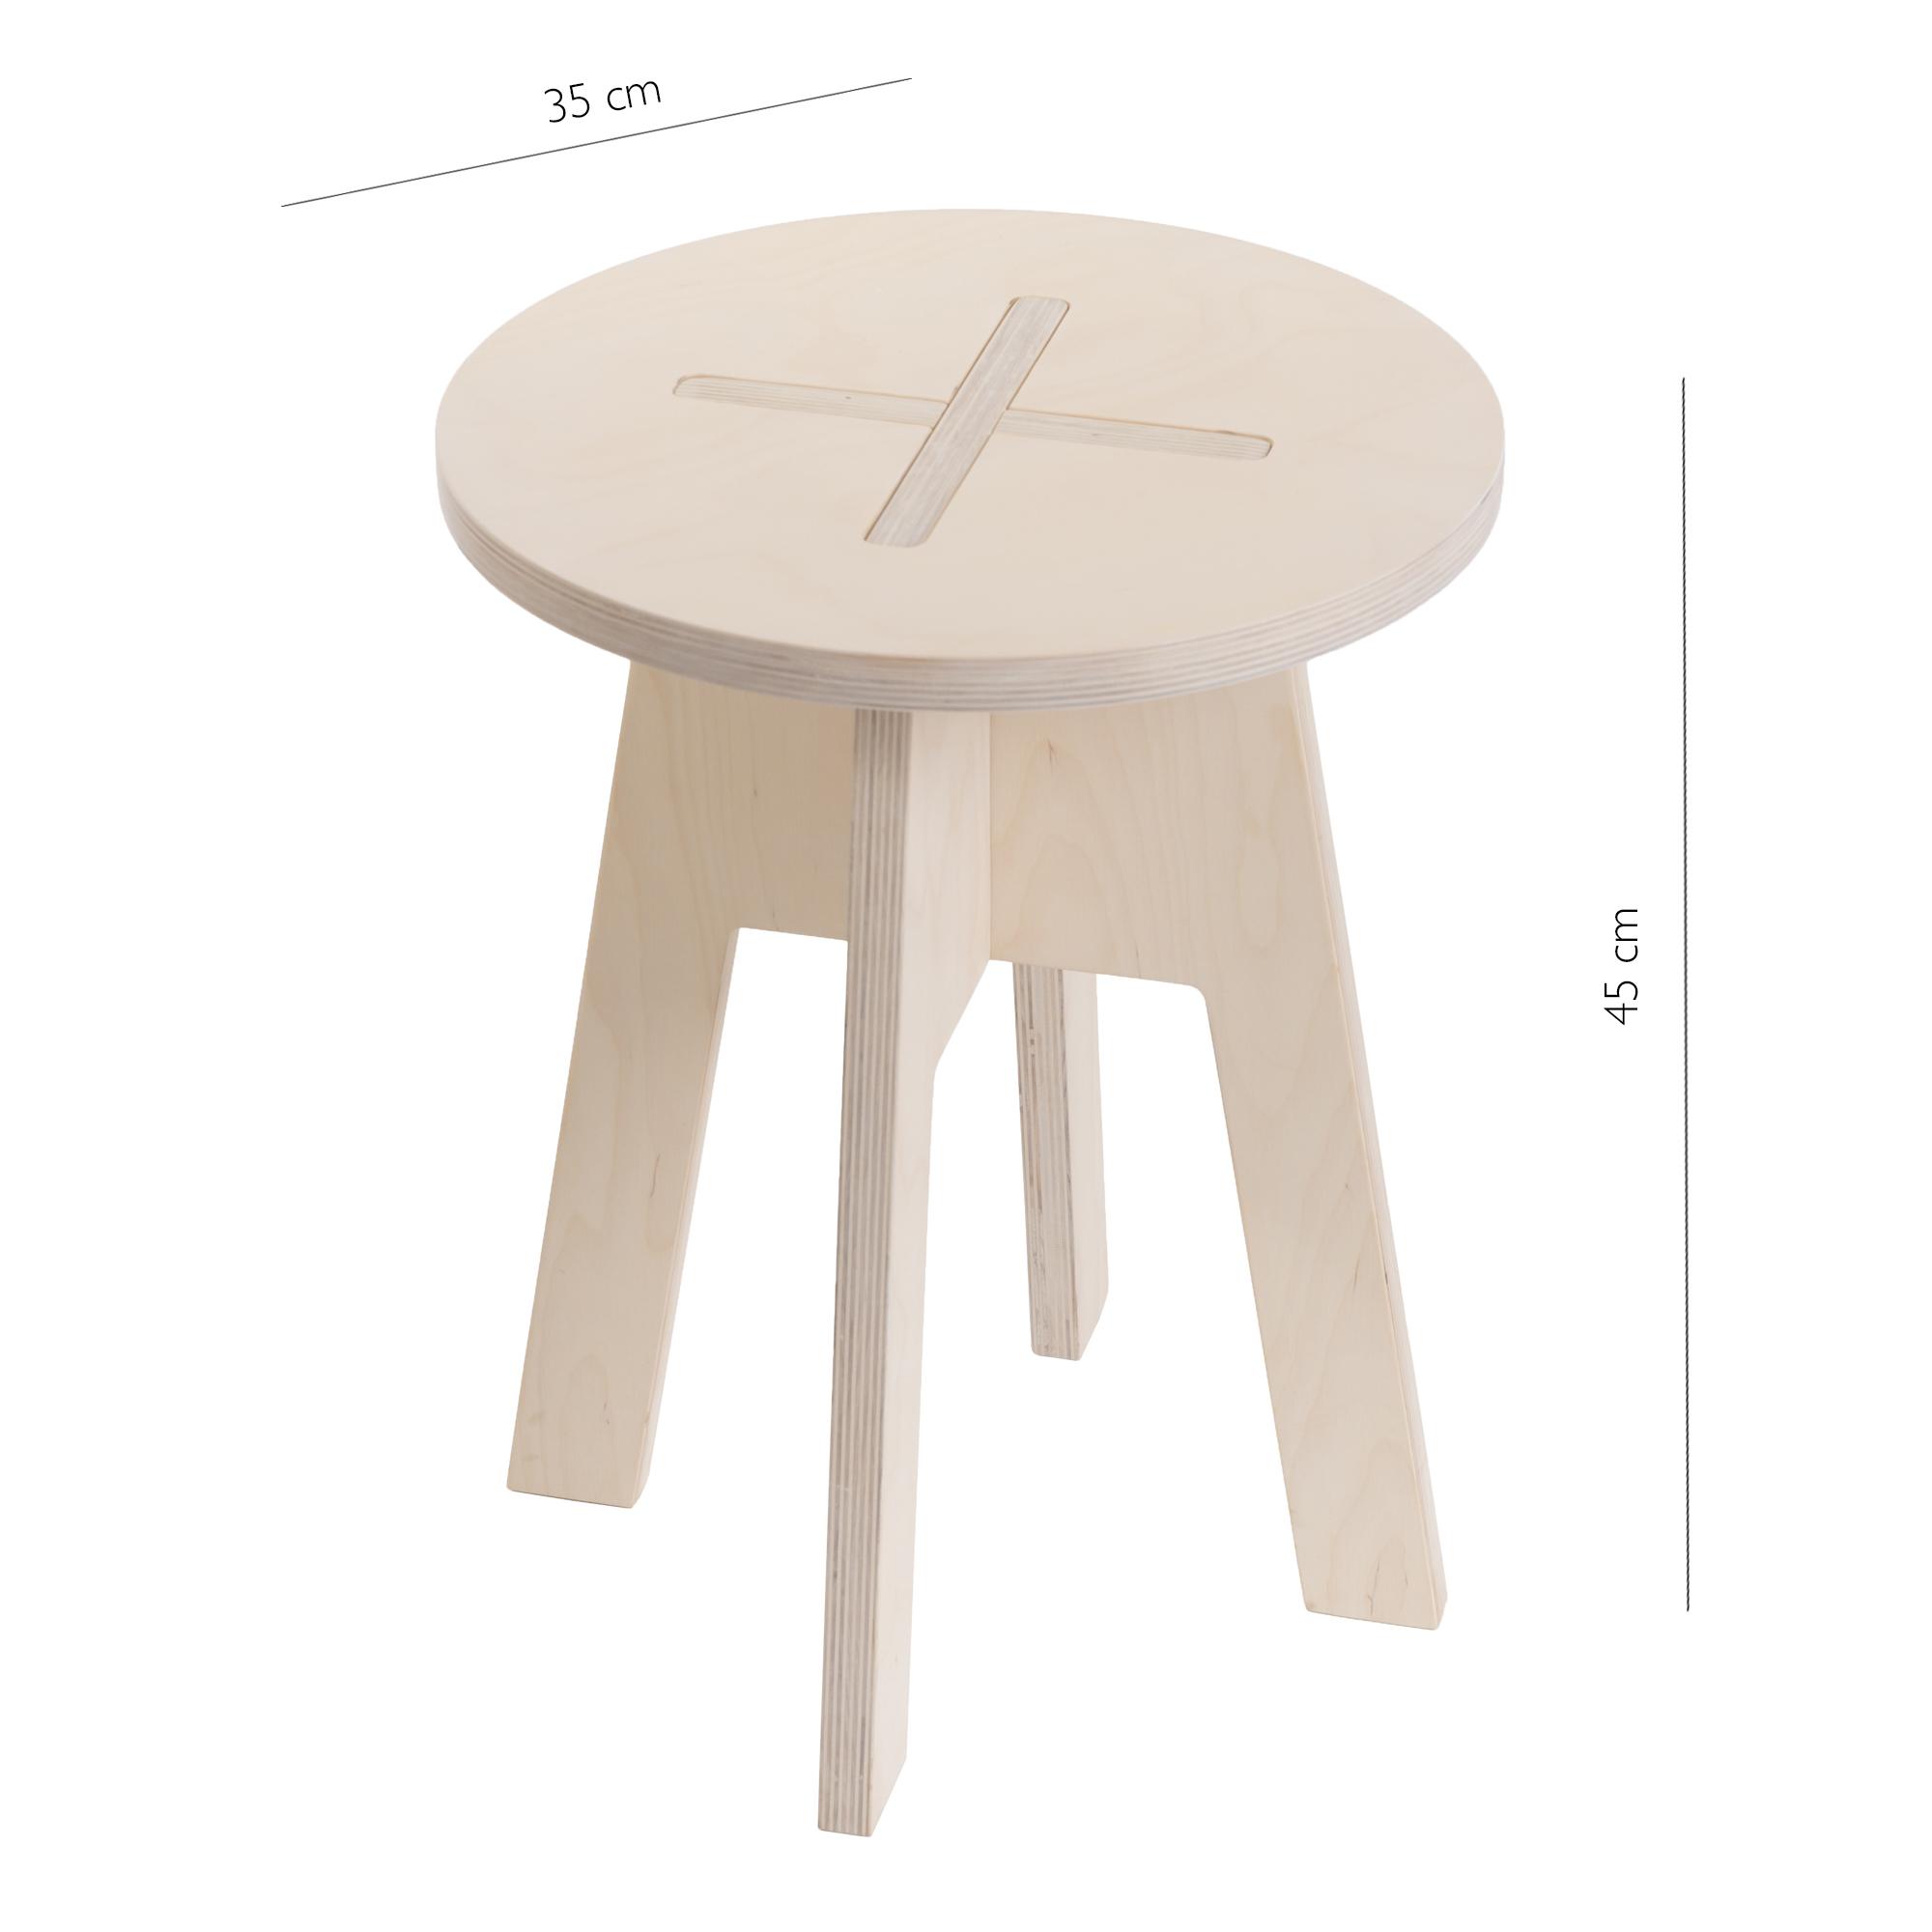 Round chair, white